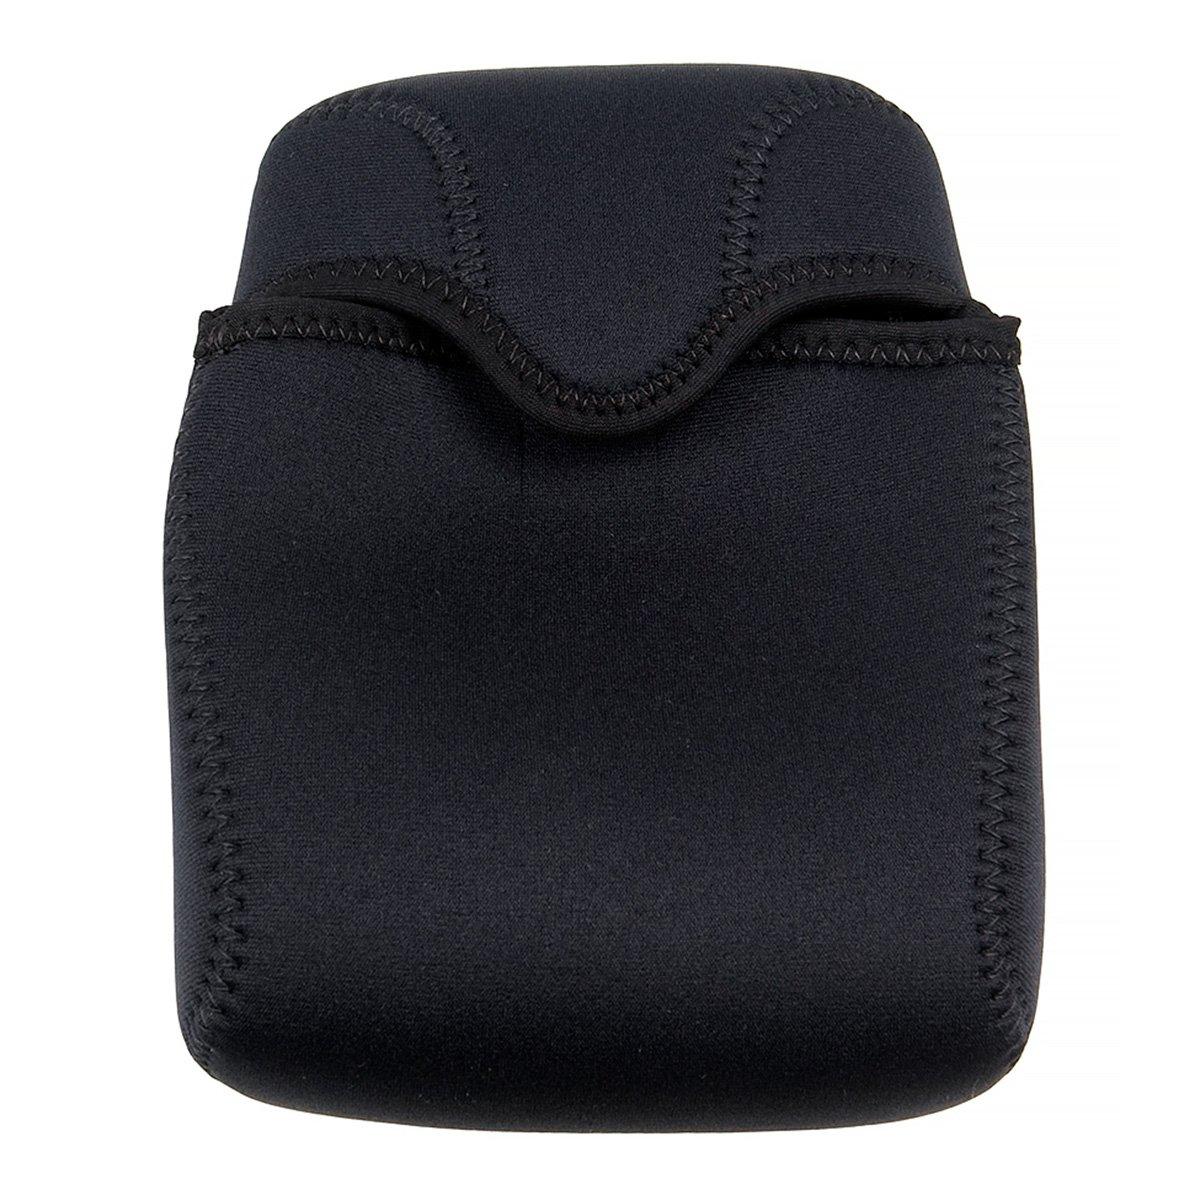 OP/TECH USA Soft Pouch Bino - Roof Medium (Black) by OP/TECH USA